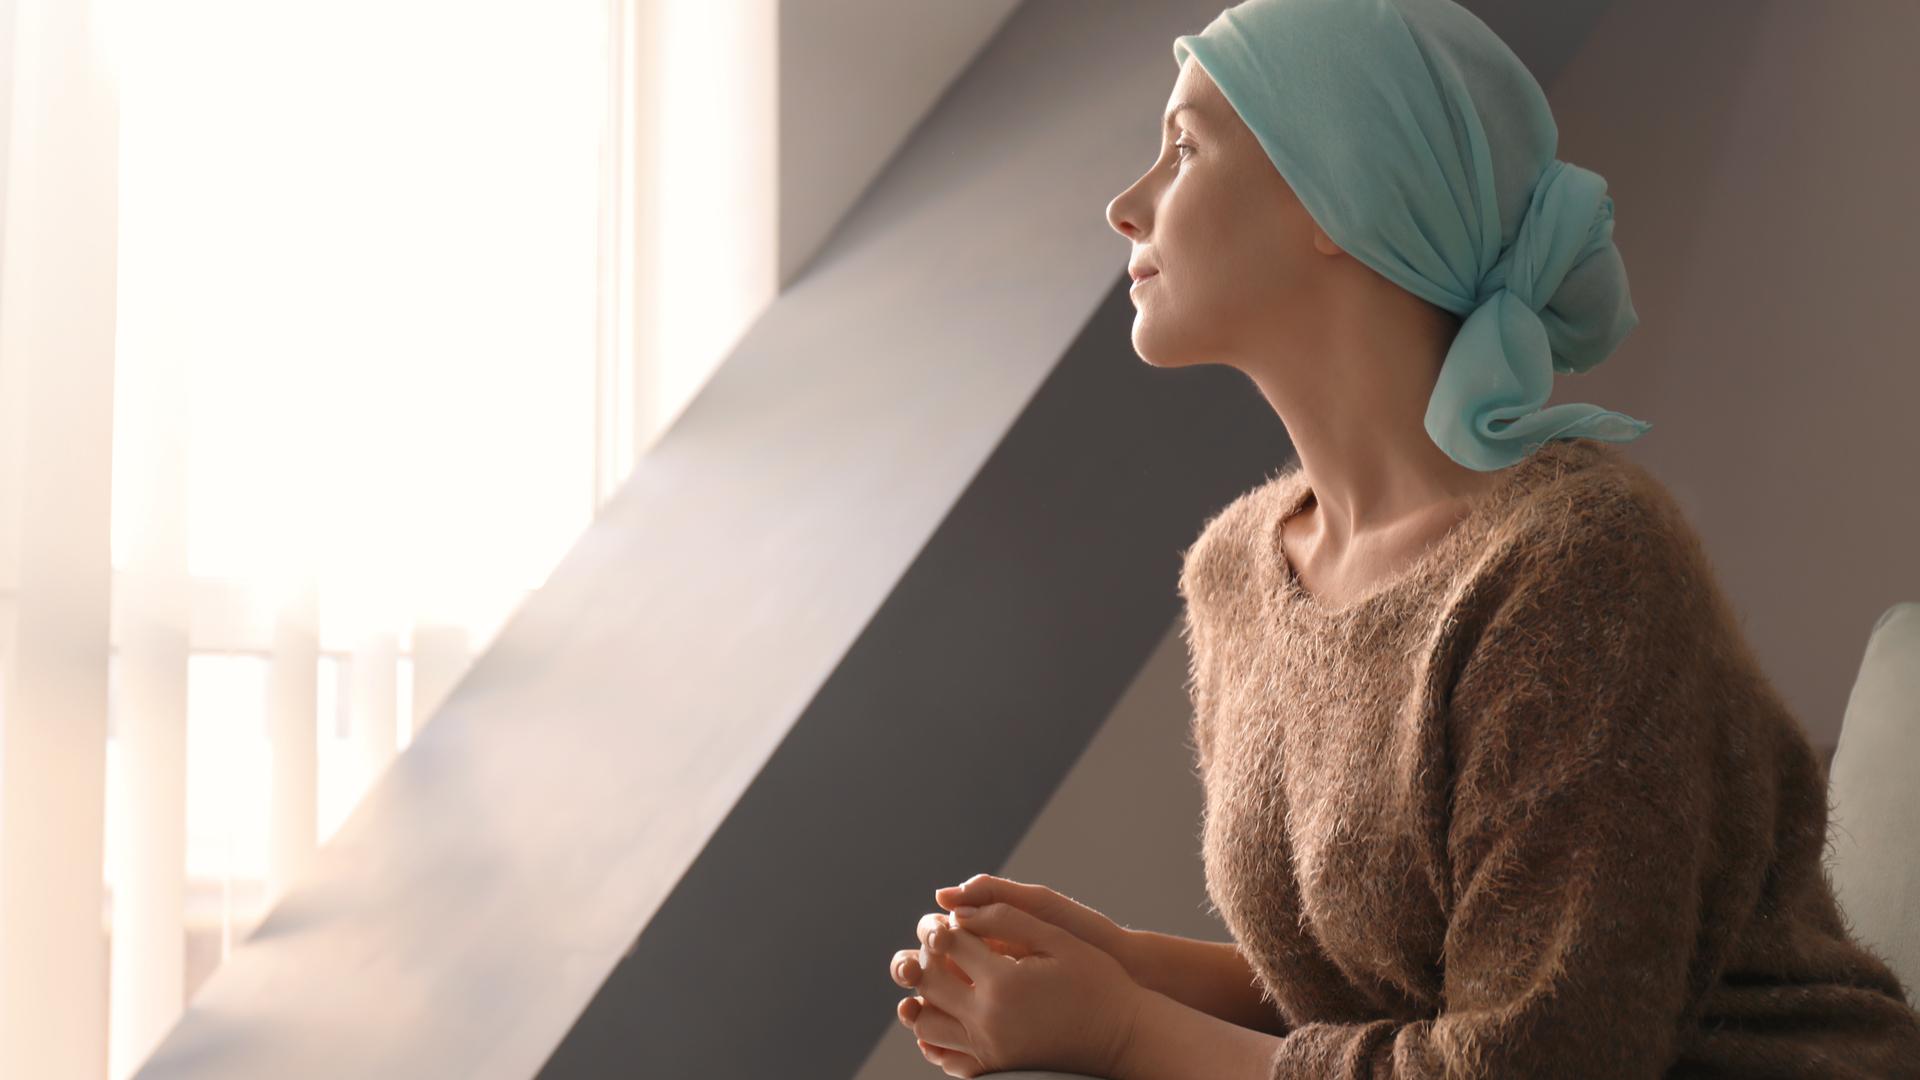 COVID-19: ¿Debo continuar mi tratamiento contra el cáncer en plena pandemia?